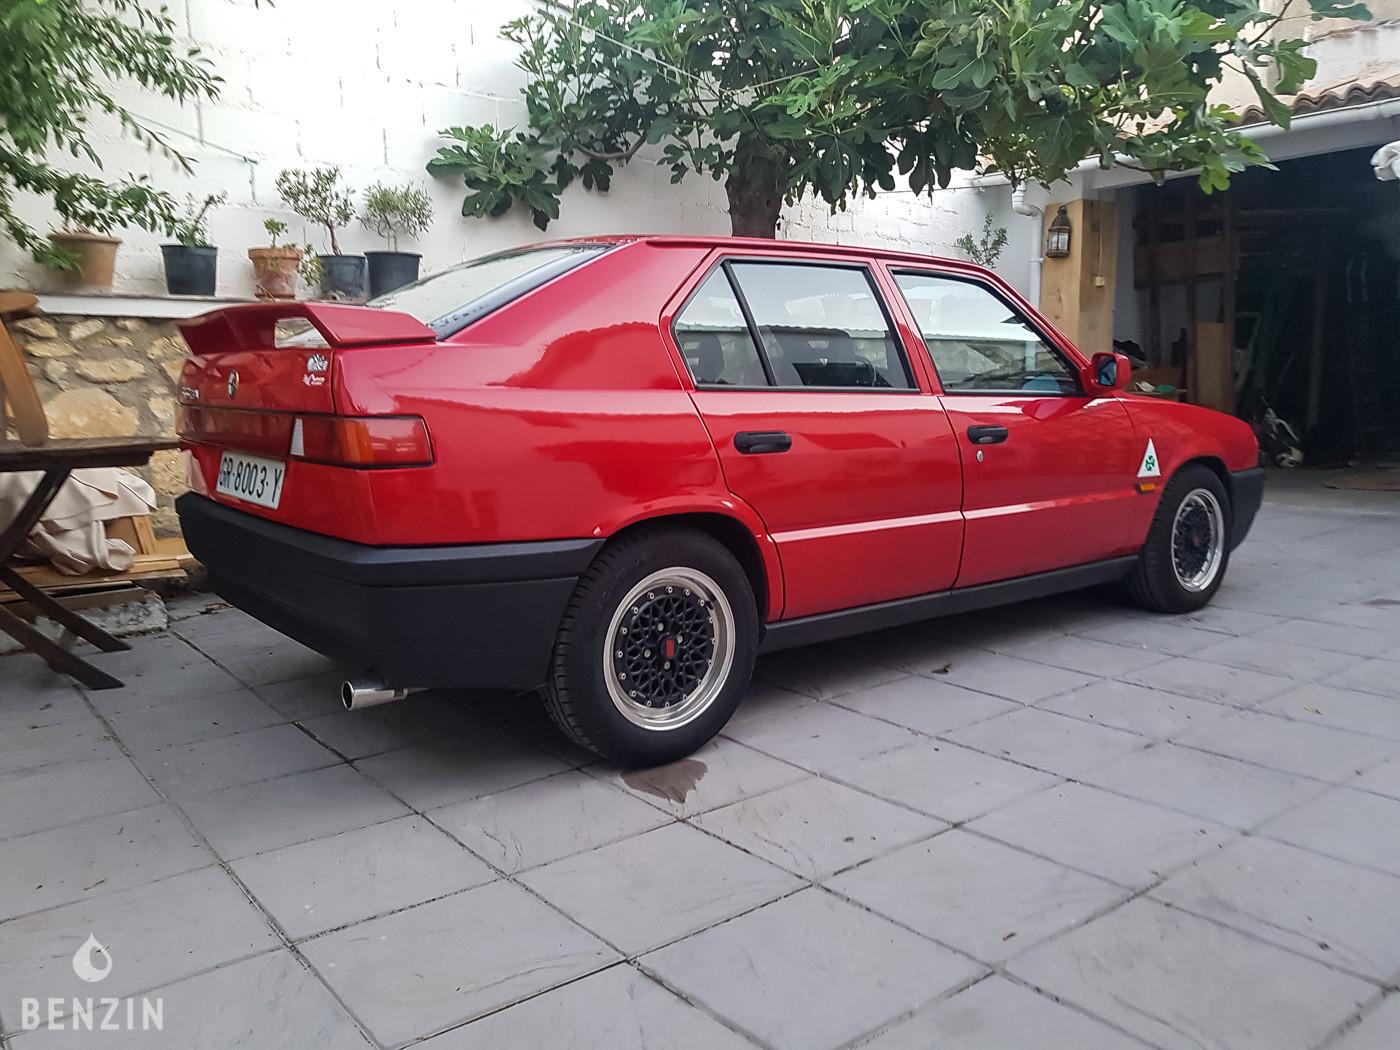 ALFA ROMEO 33 1.3 VELOCE OCCASION - 1991